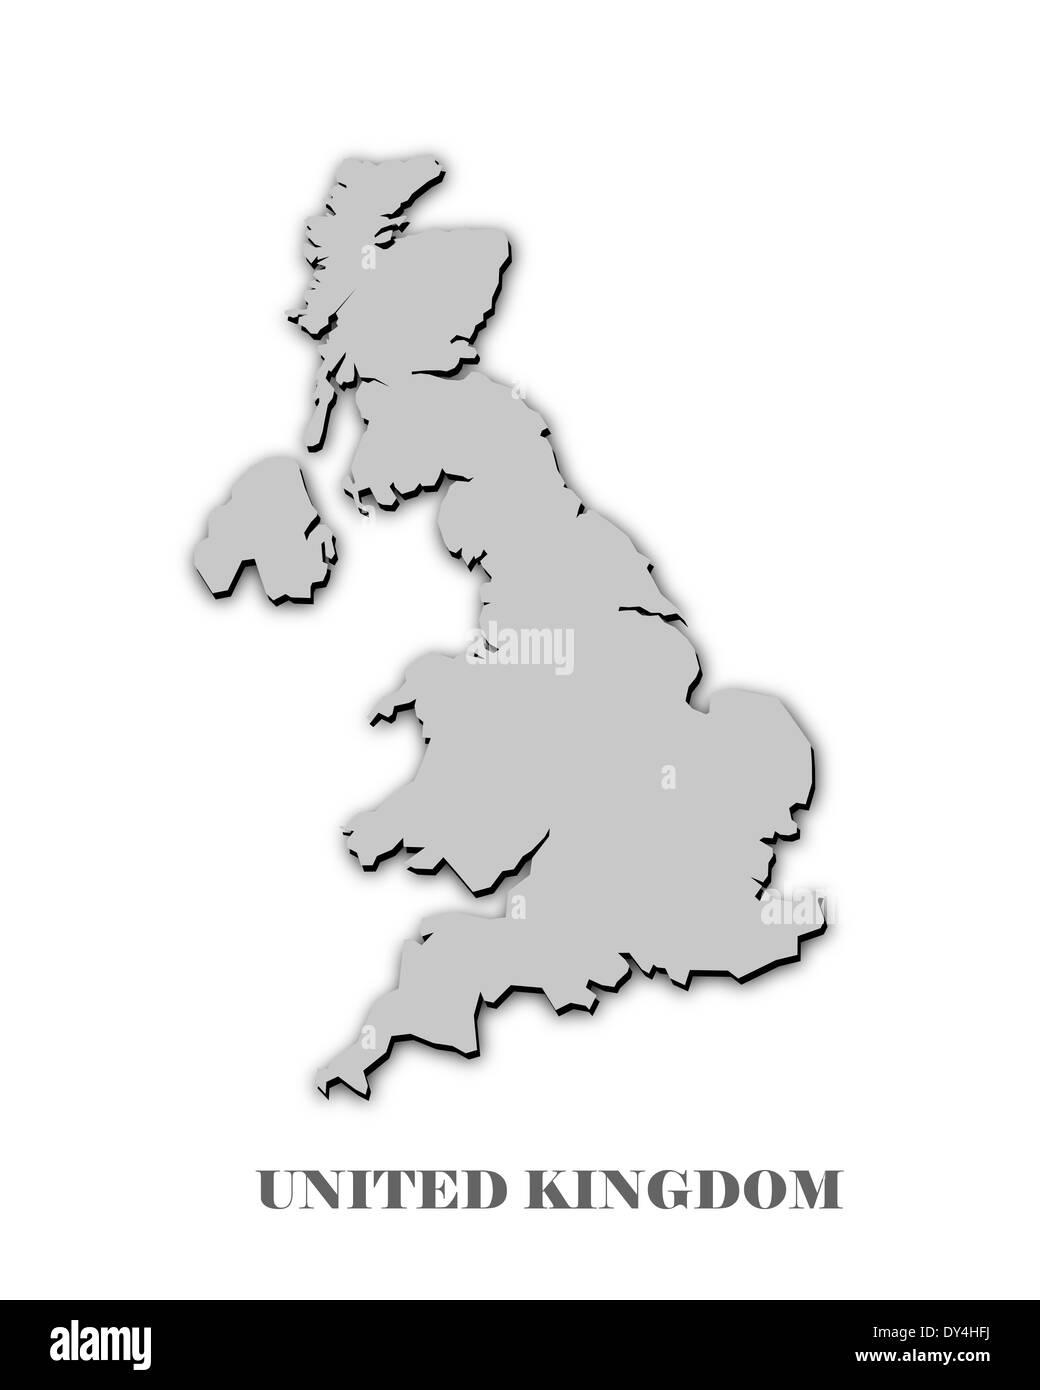 UNITED KINGDOM MAP on white - Stock Image